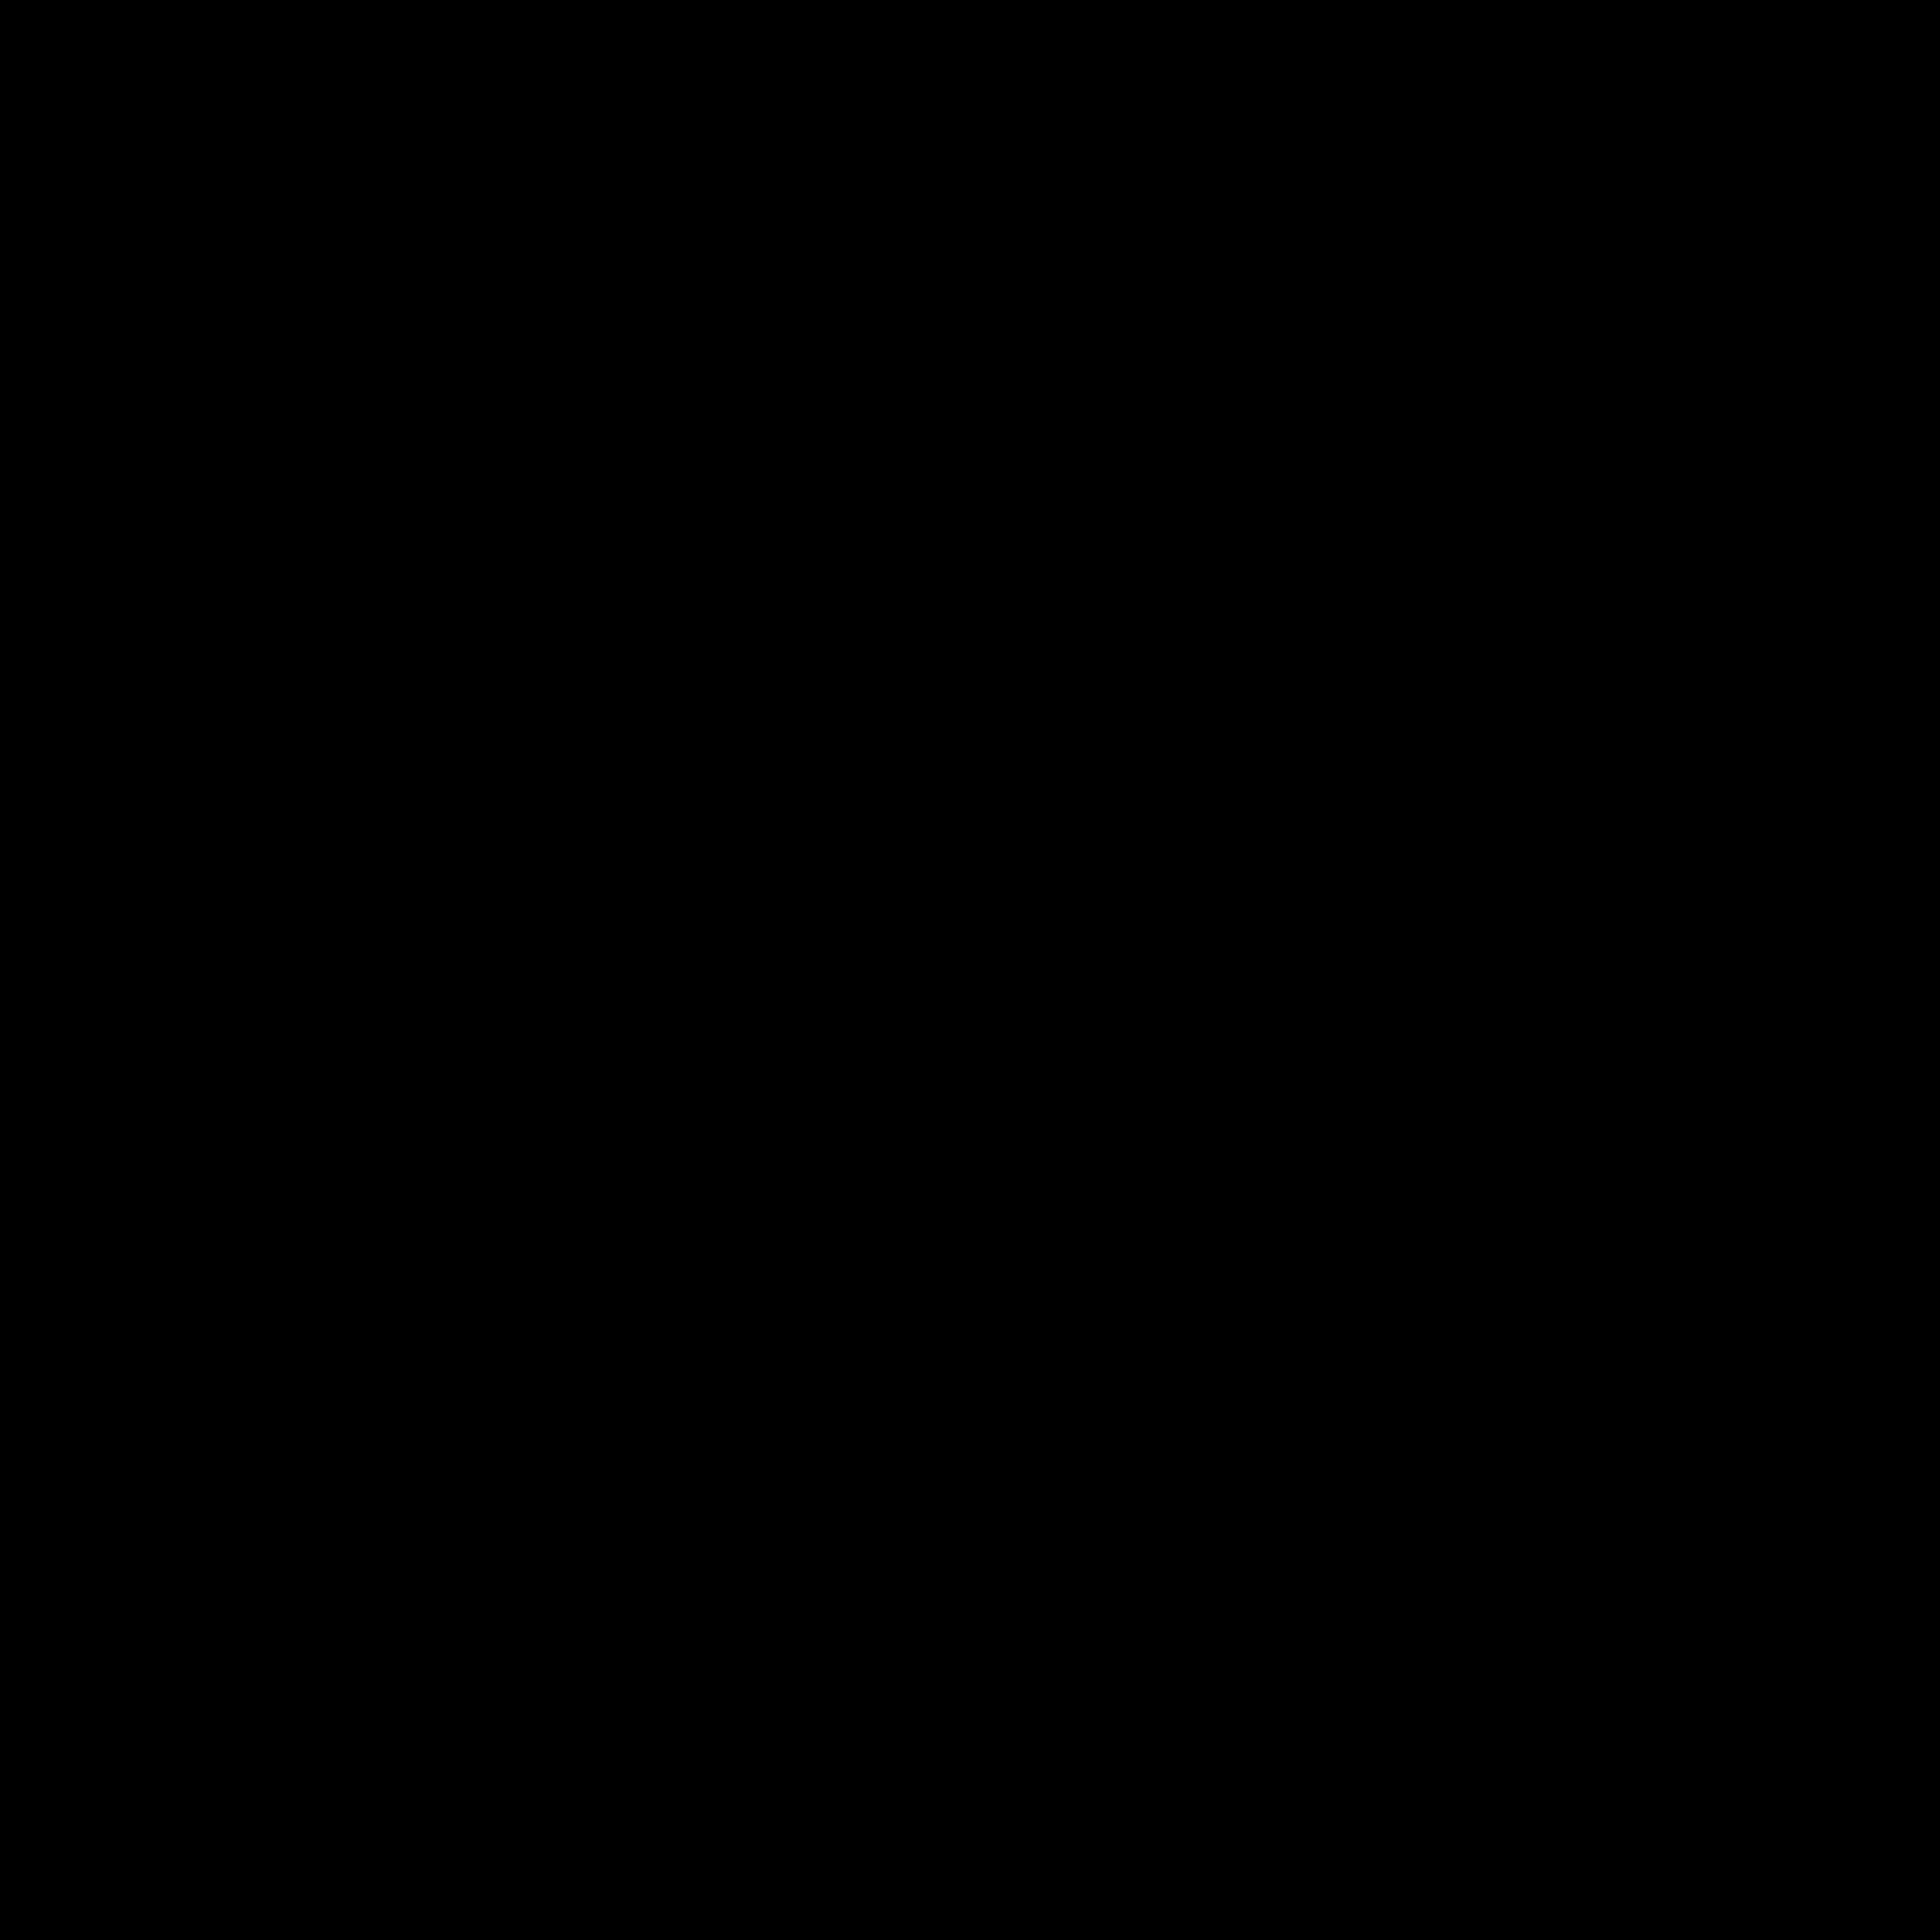 mapa gta 5 GTA 5 Map mapa gta 5